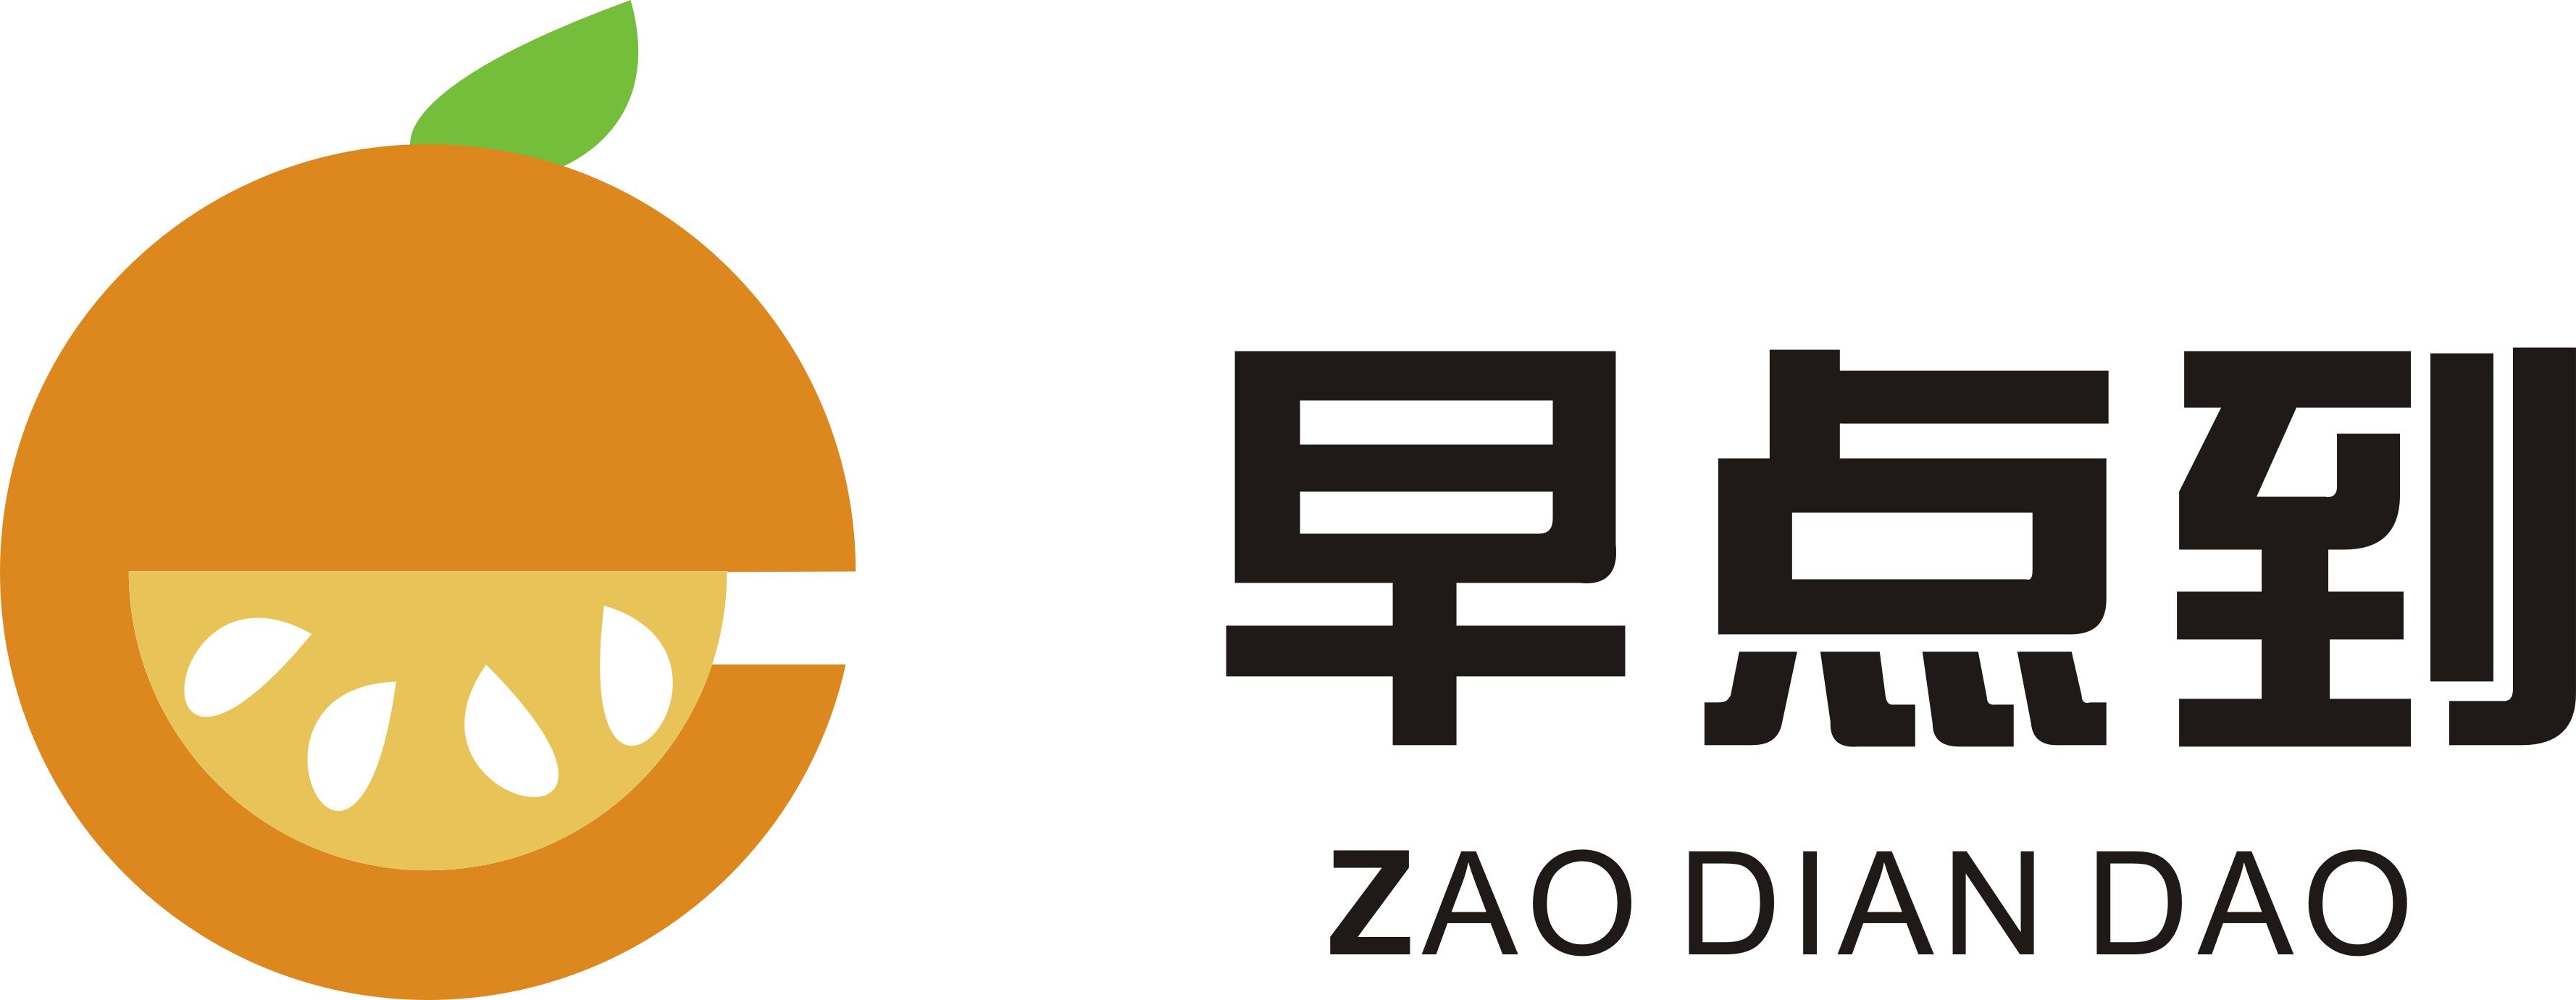 橙子银行标志矢量图